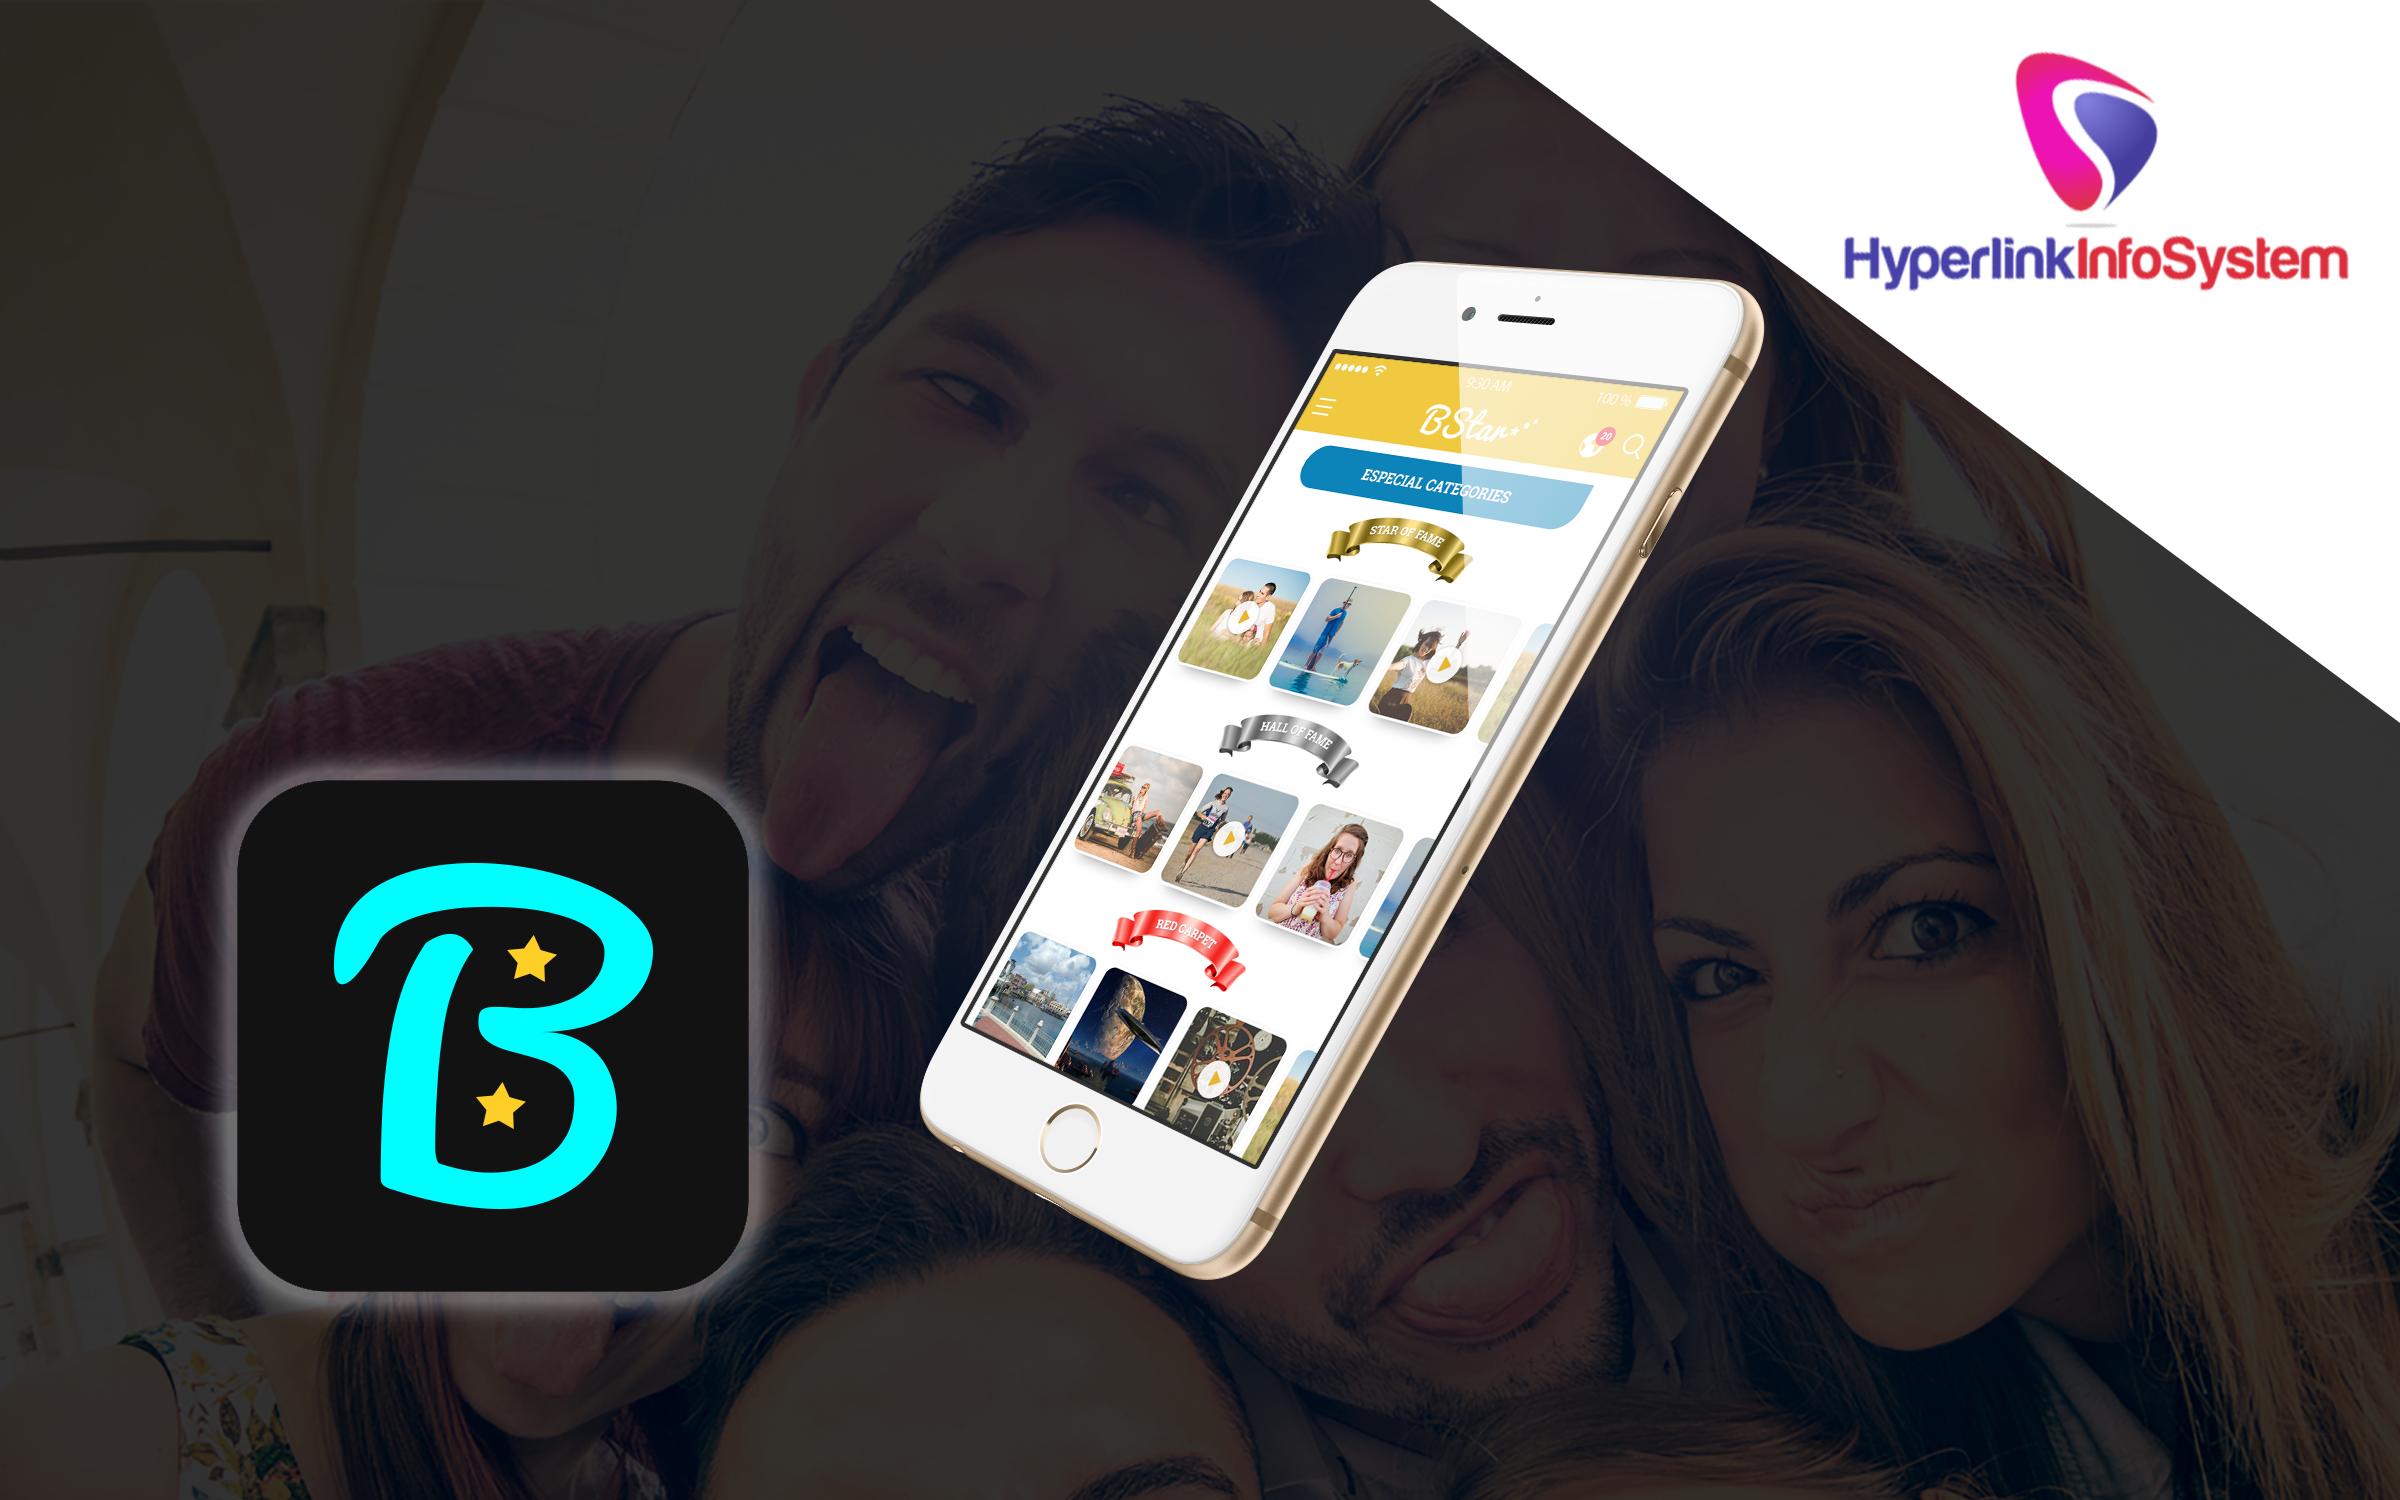 bstar social app